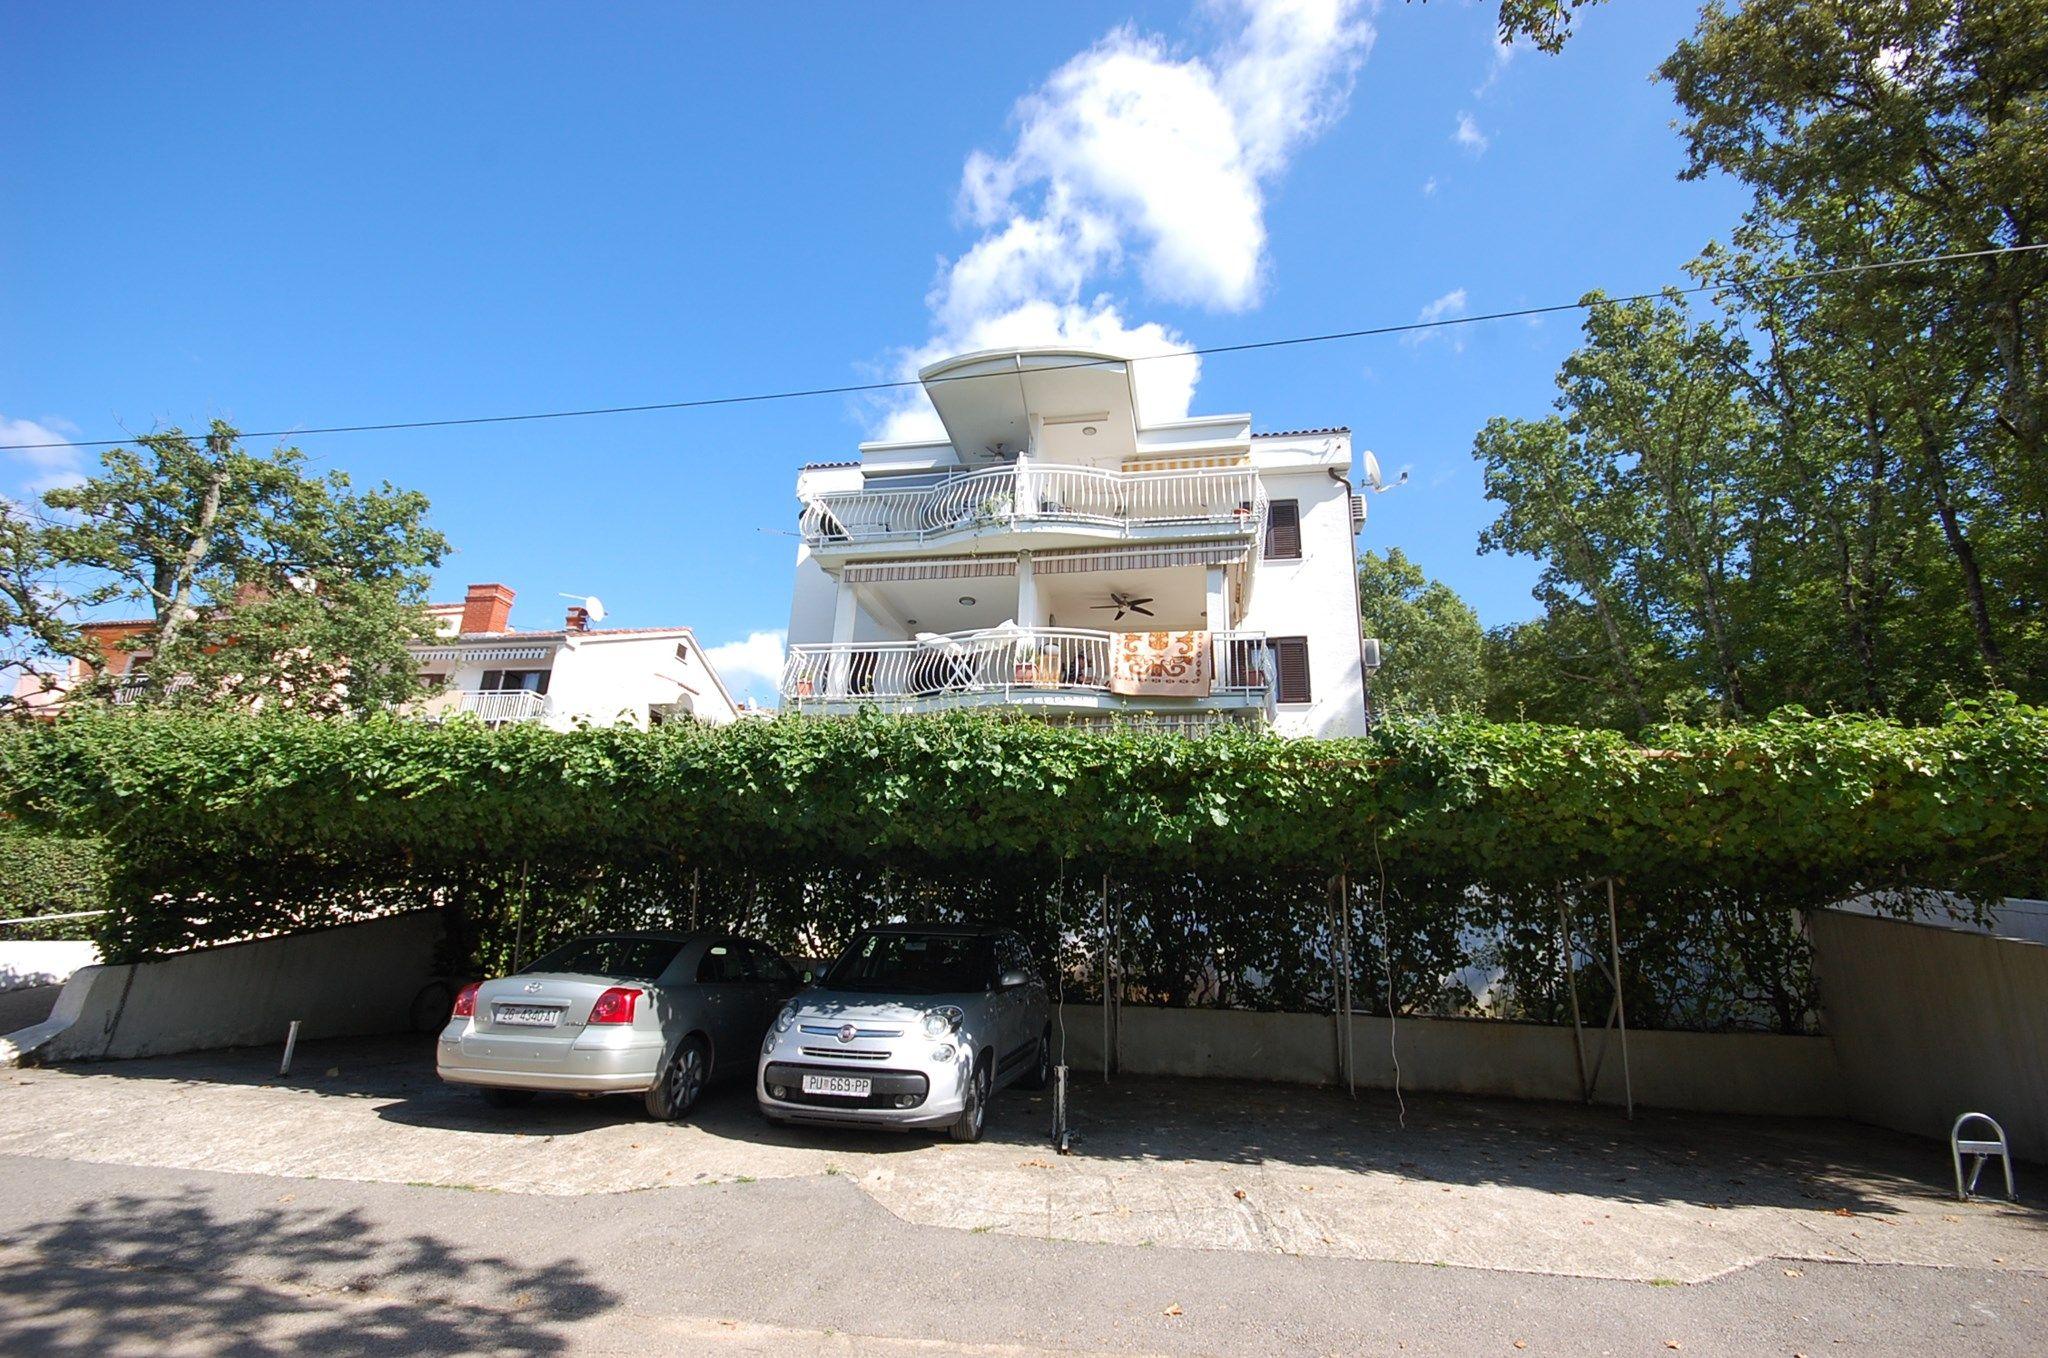 Apartamento vacacional con aire acondicionado y conexión a internet cerca de la playa